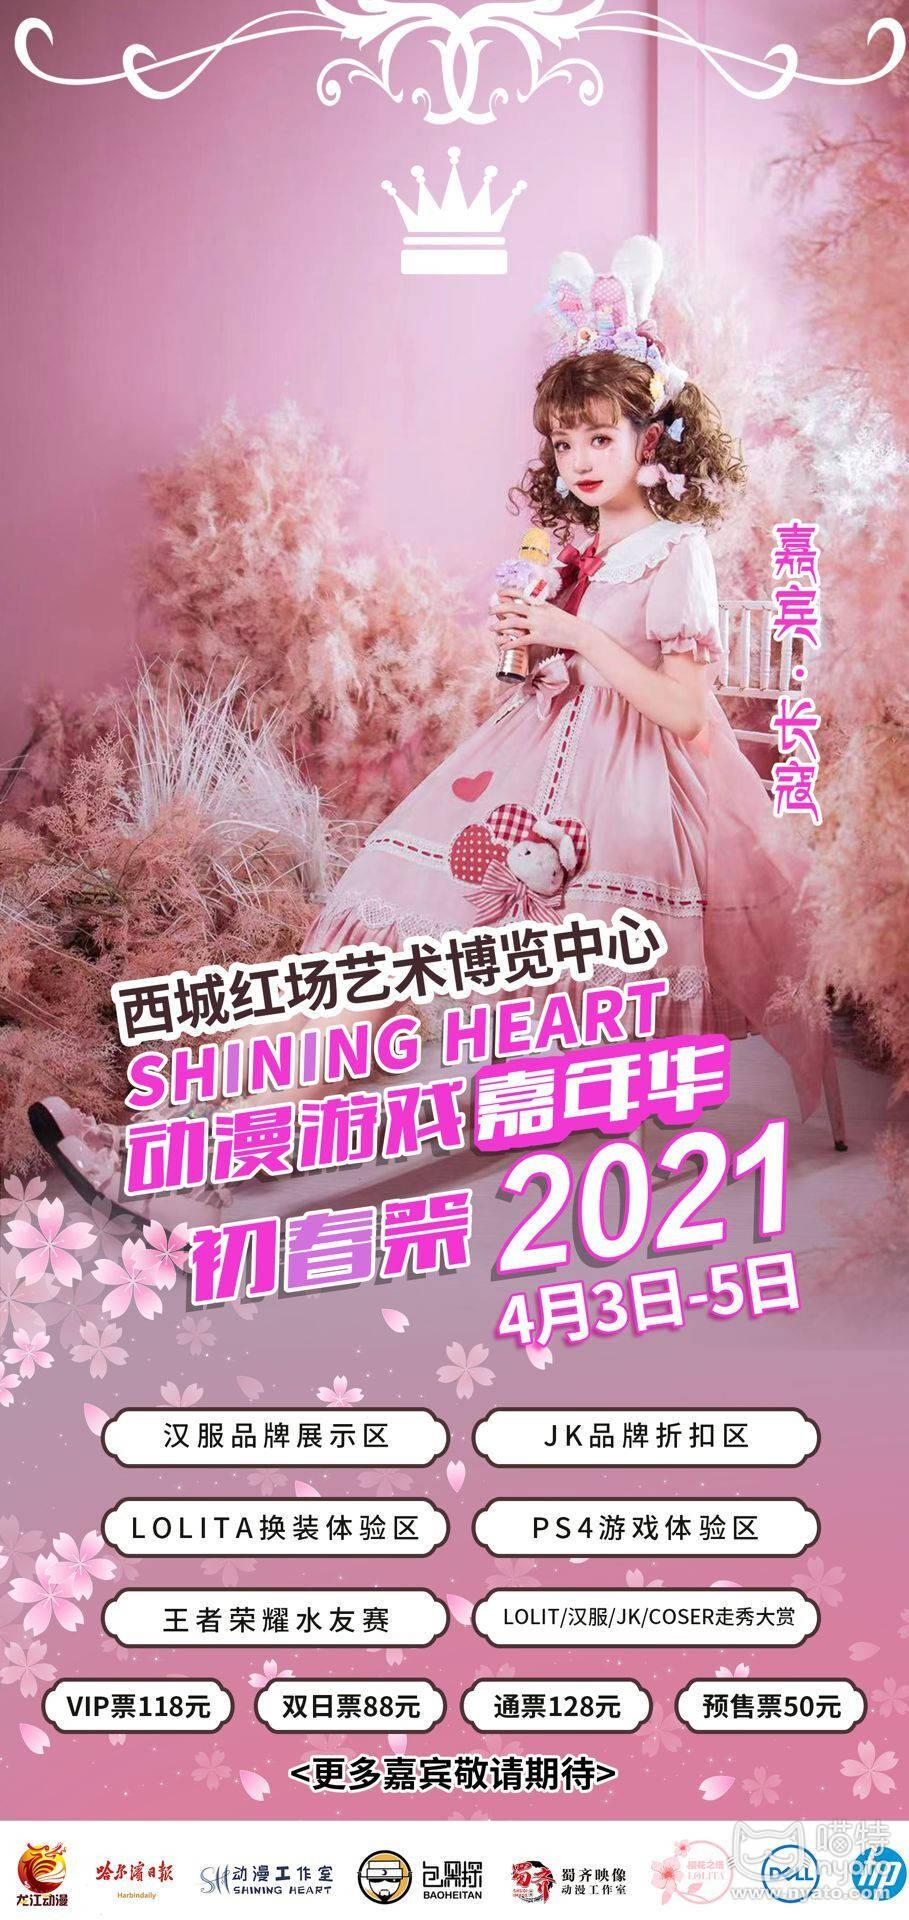 QQ图片20210225120258.jpg